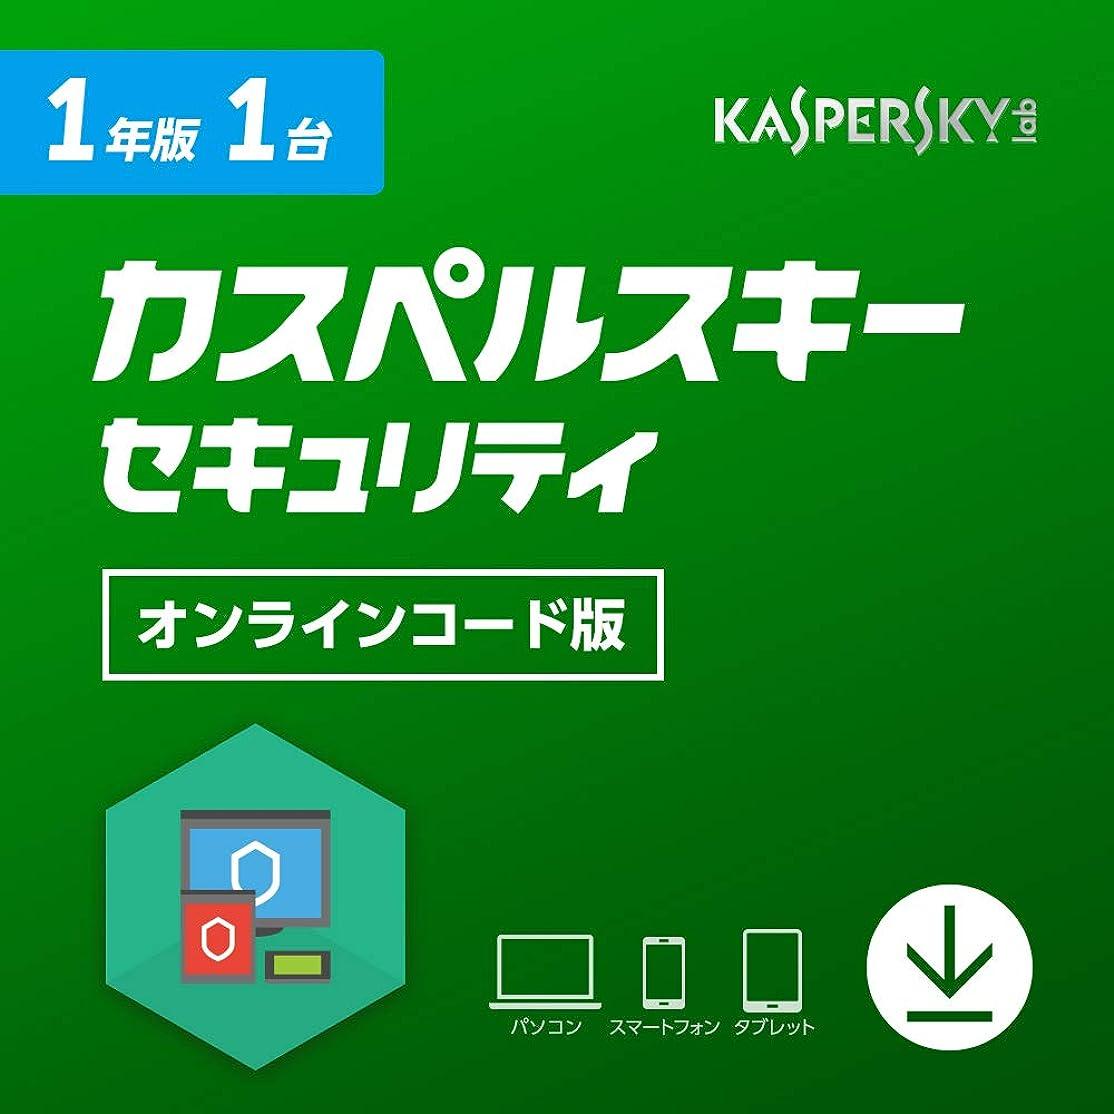 火薬王女許可カスペルスキー セキュリティ (最新版) | 1年 1台版 | オンラインコード版 | Windows/Mac/Android対応